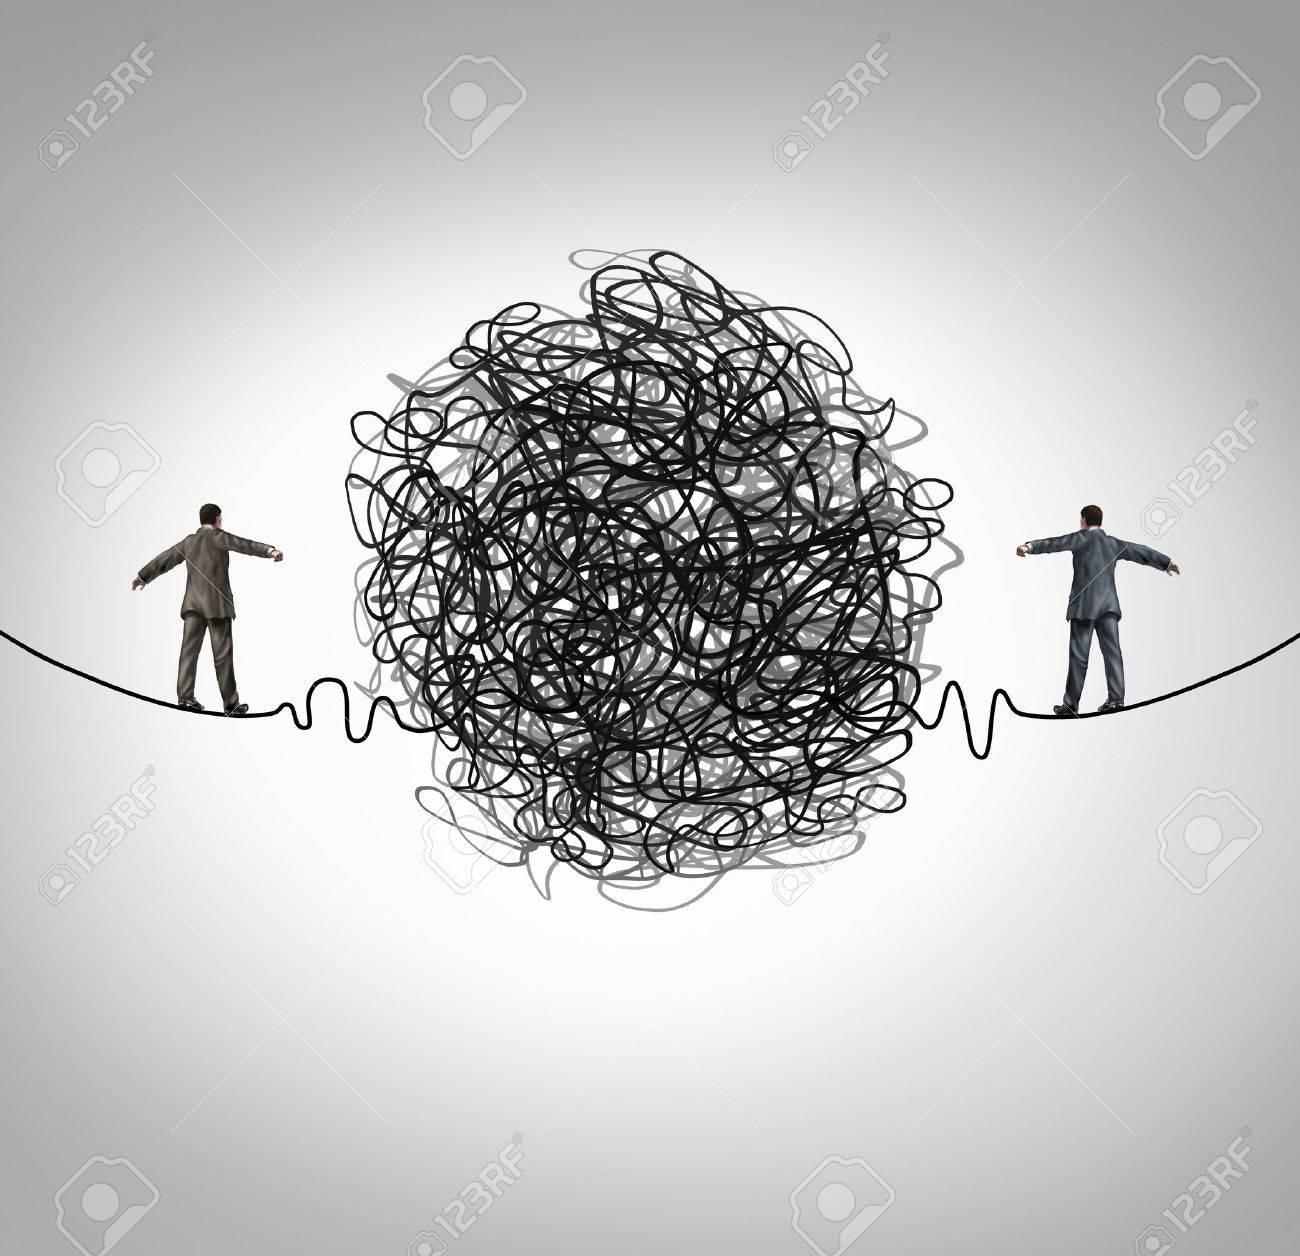 Partnerschaft Problem Und Geschäfts Konfrontation Konzept Als Zwei ...